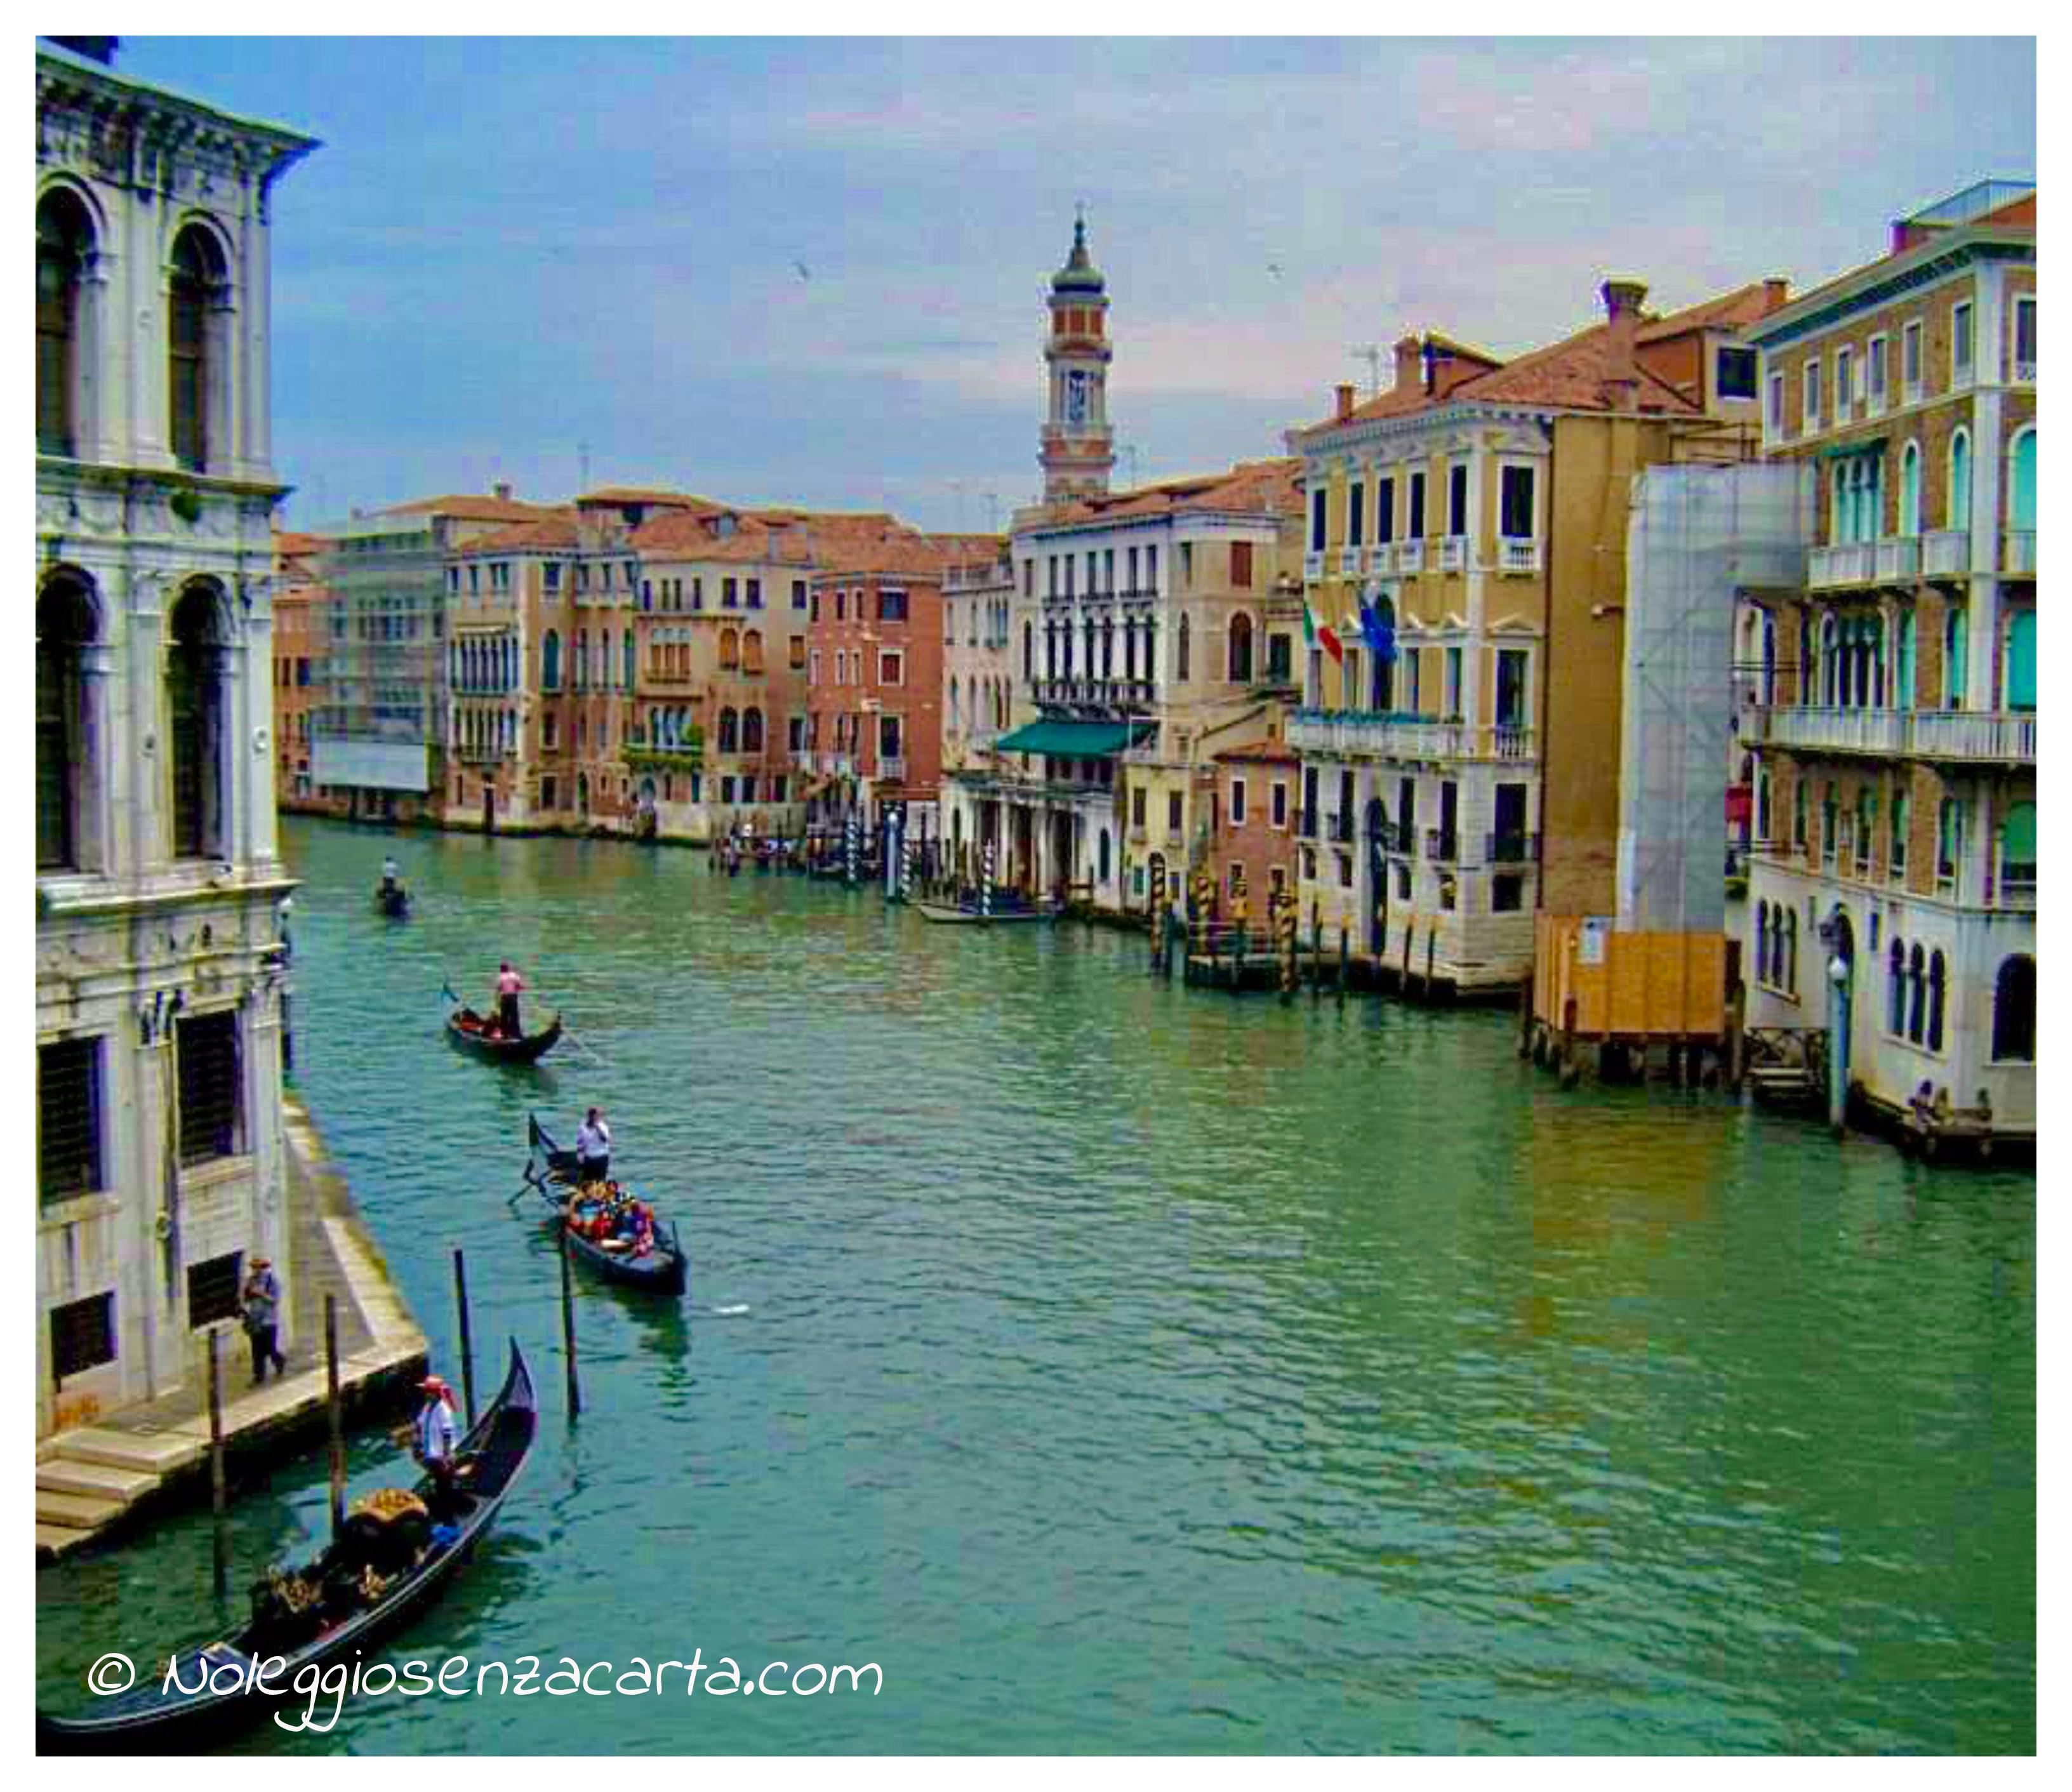 Alquiler coche Venecia sin tarjeta de crédito